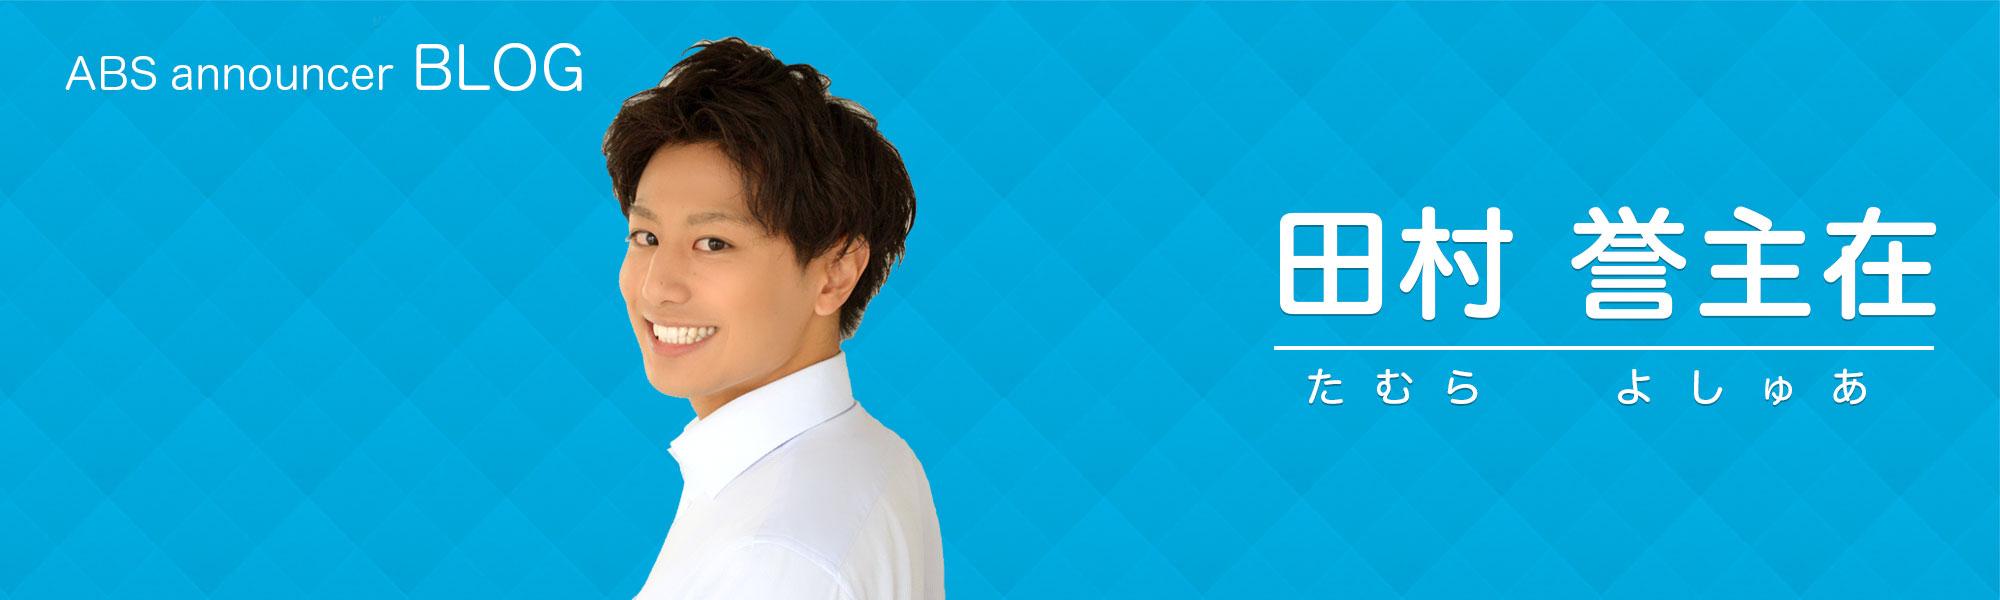 田村誉主在のブログ